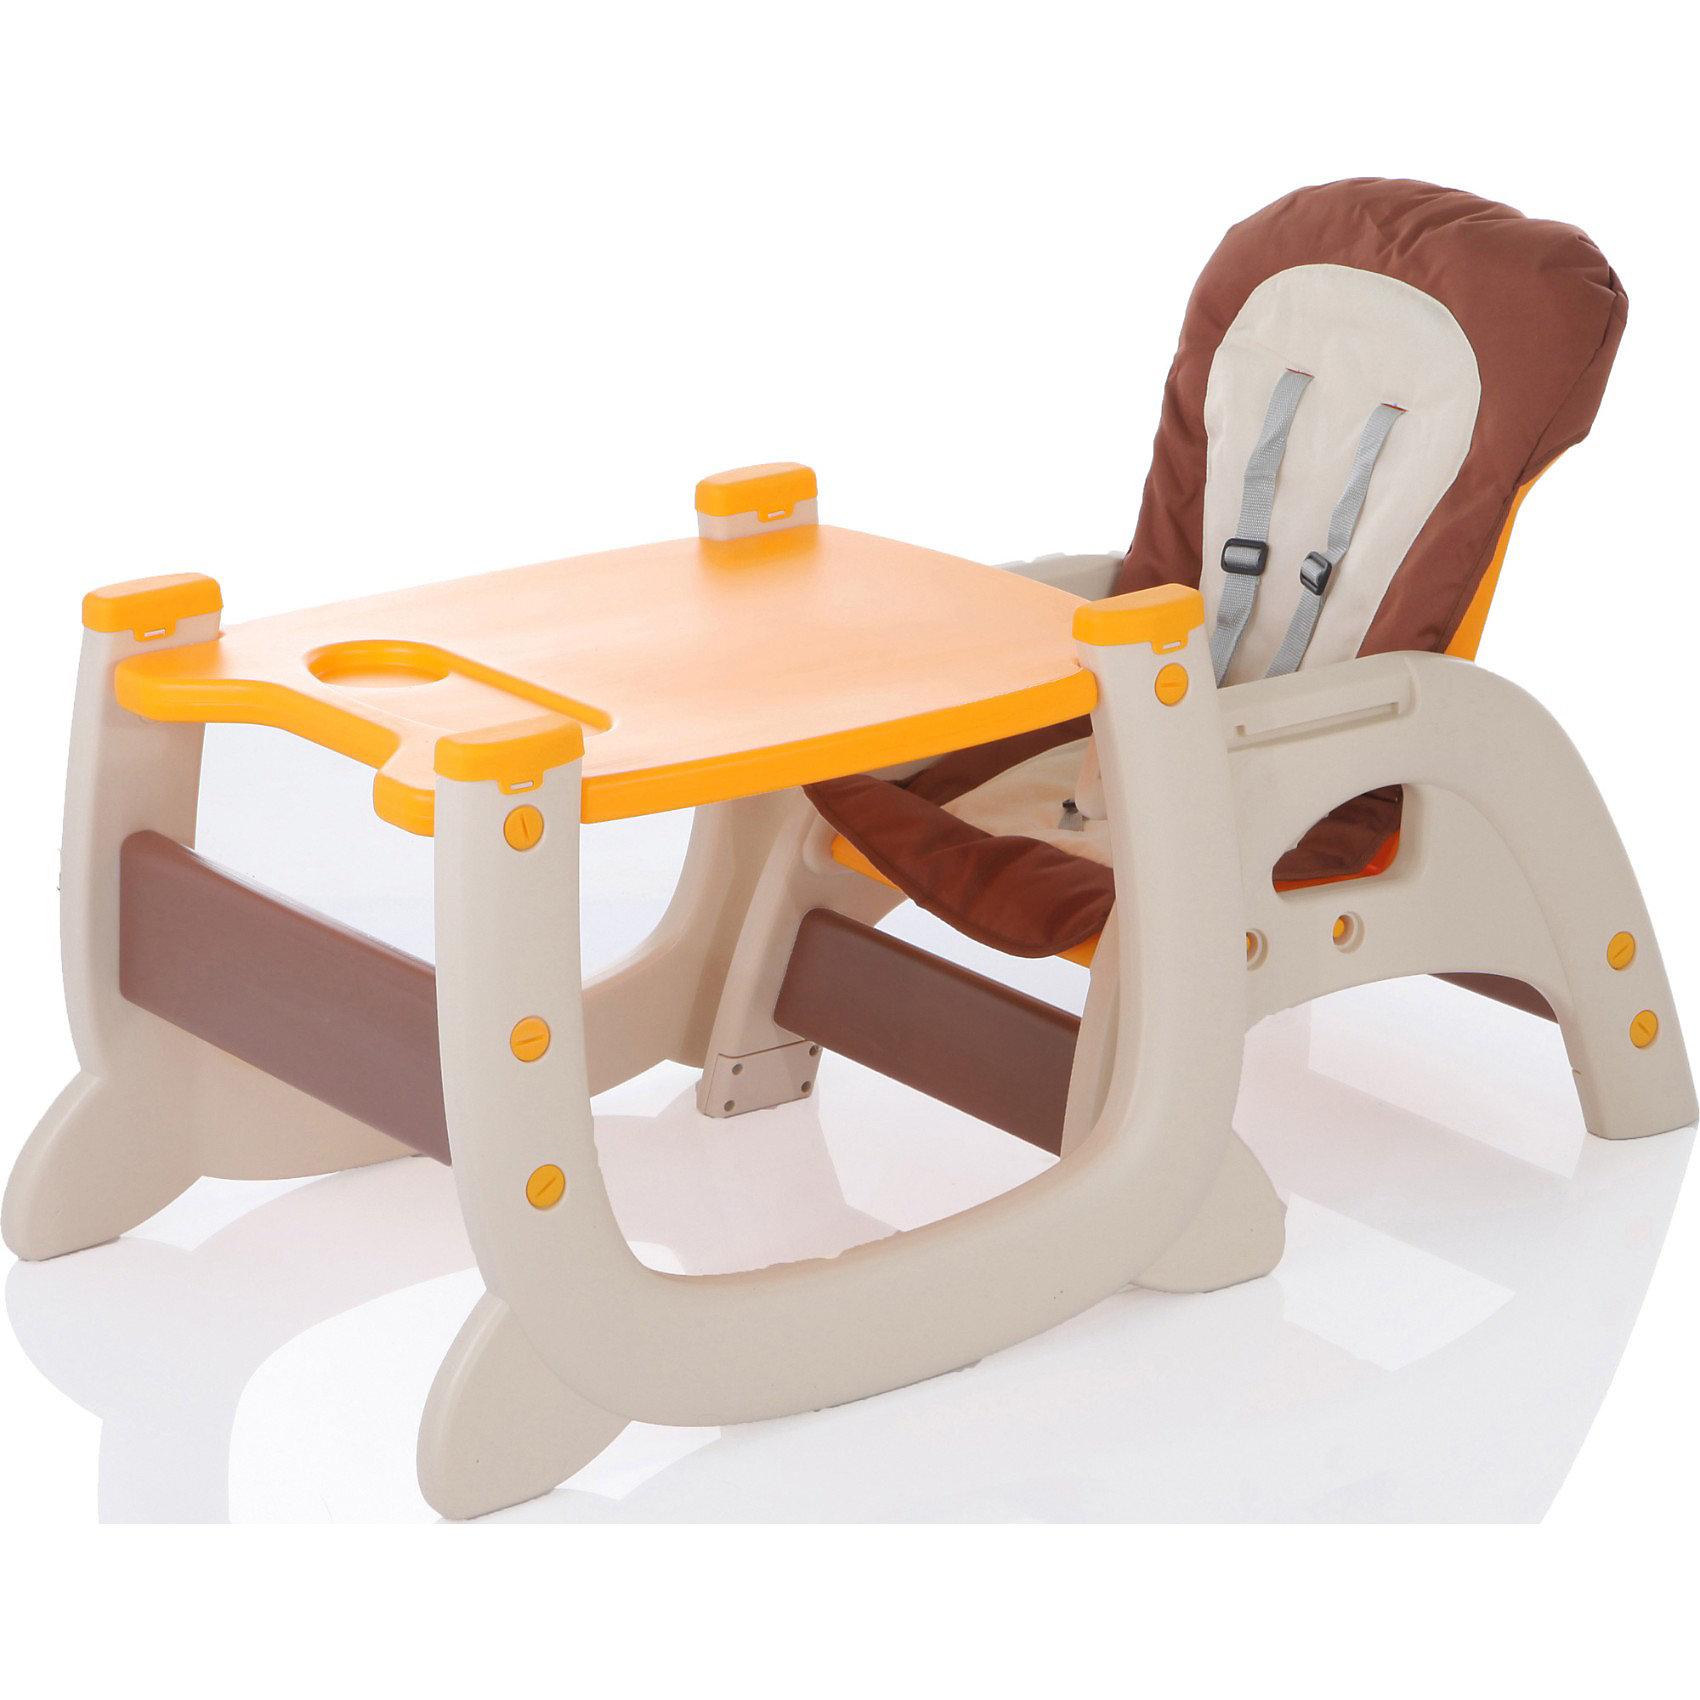 Стульчик-трансформер O-ZONE, Baby Care, оранжевый от myToys